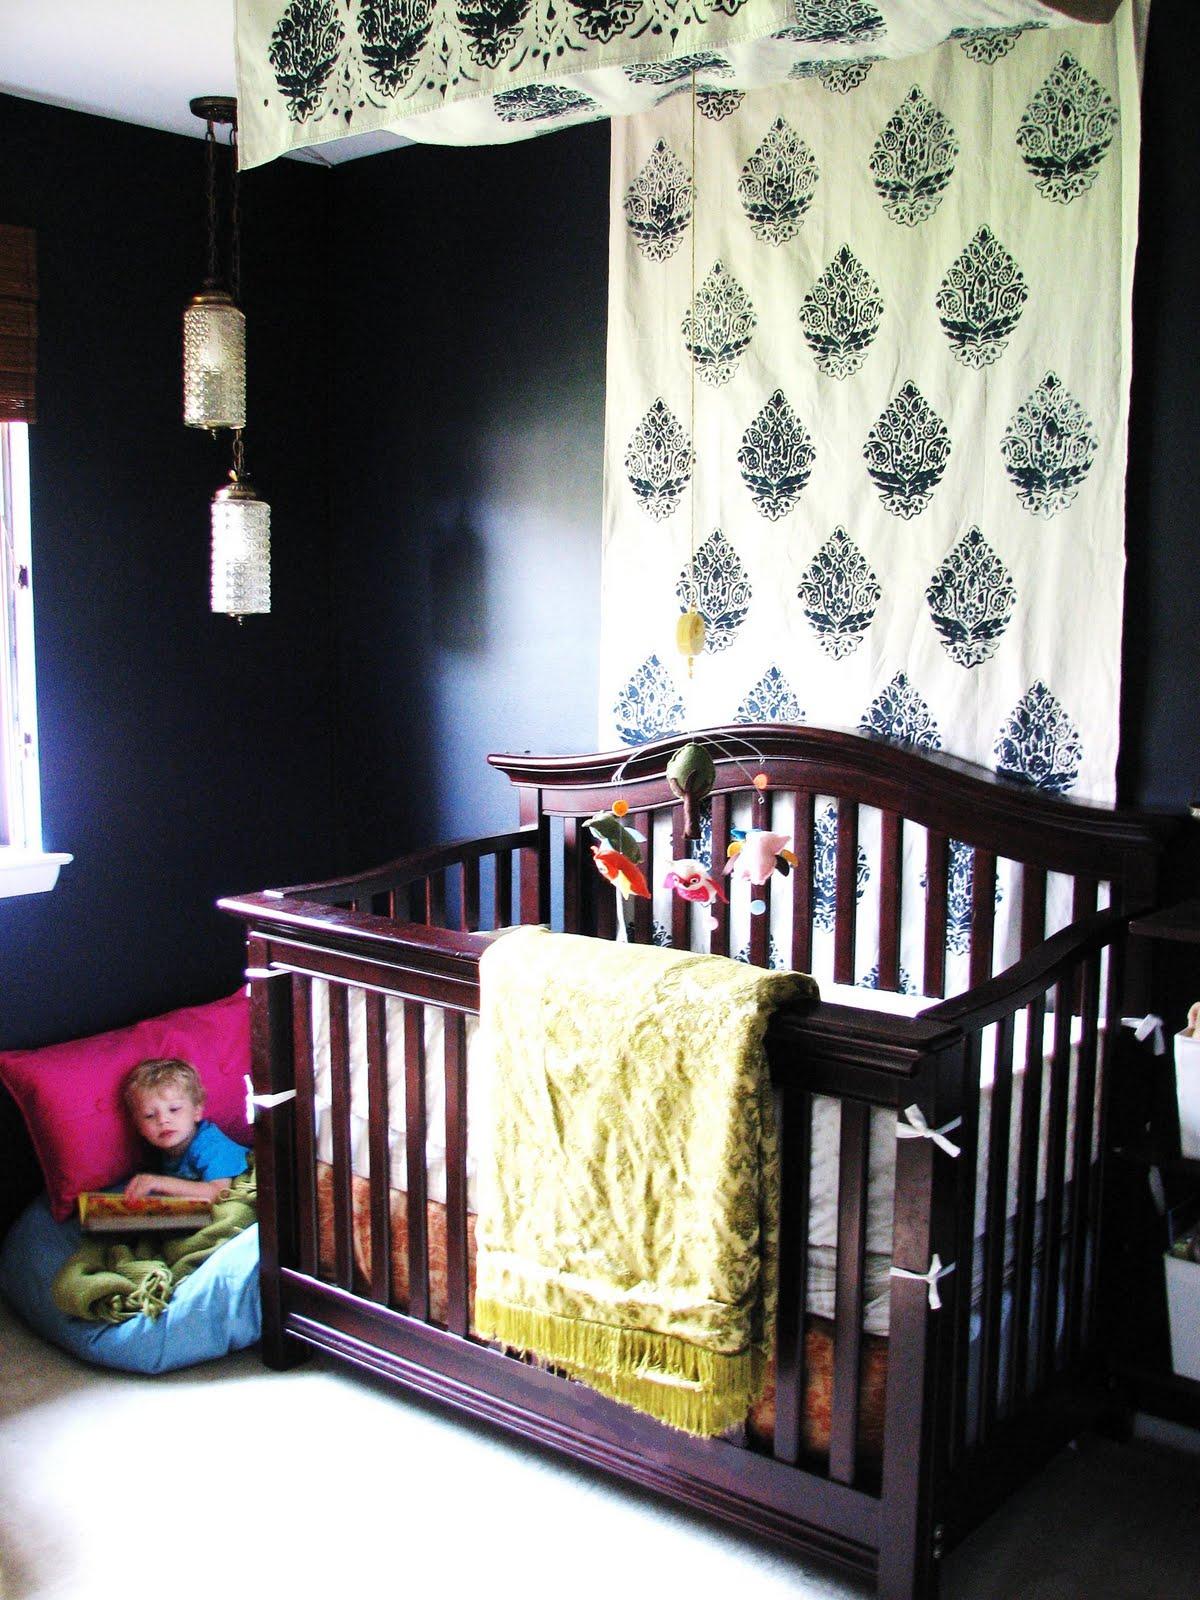 Zellers baby cribs - Zellers Baby Cribs 20